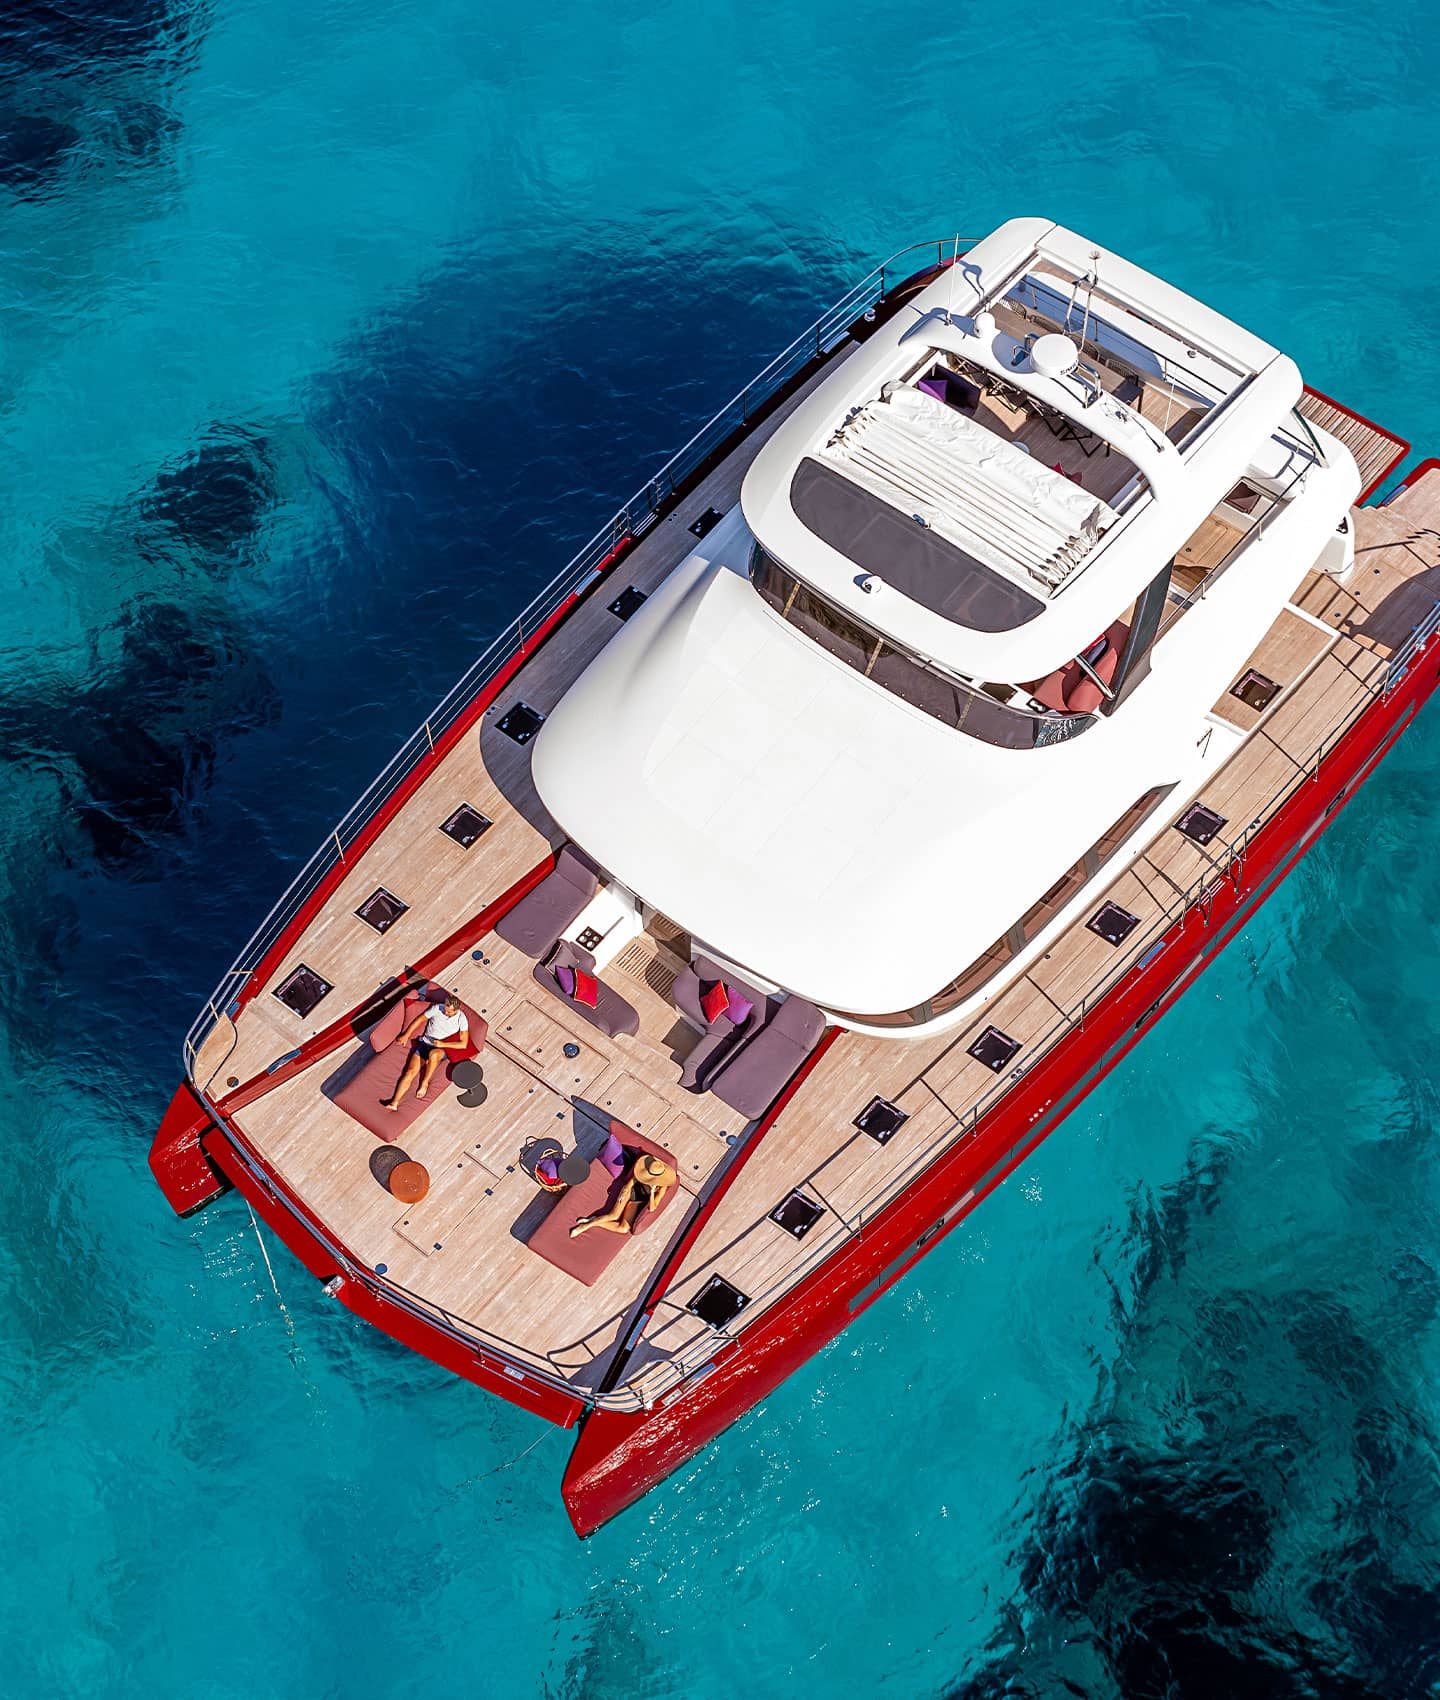 Un catamarano Lagoon rosso fuoco, staziona in una baia dall'acqua turchese mentre una coppia prende il sole a prua.